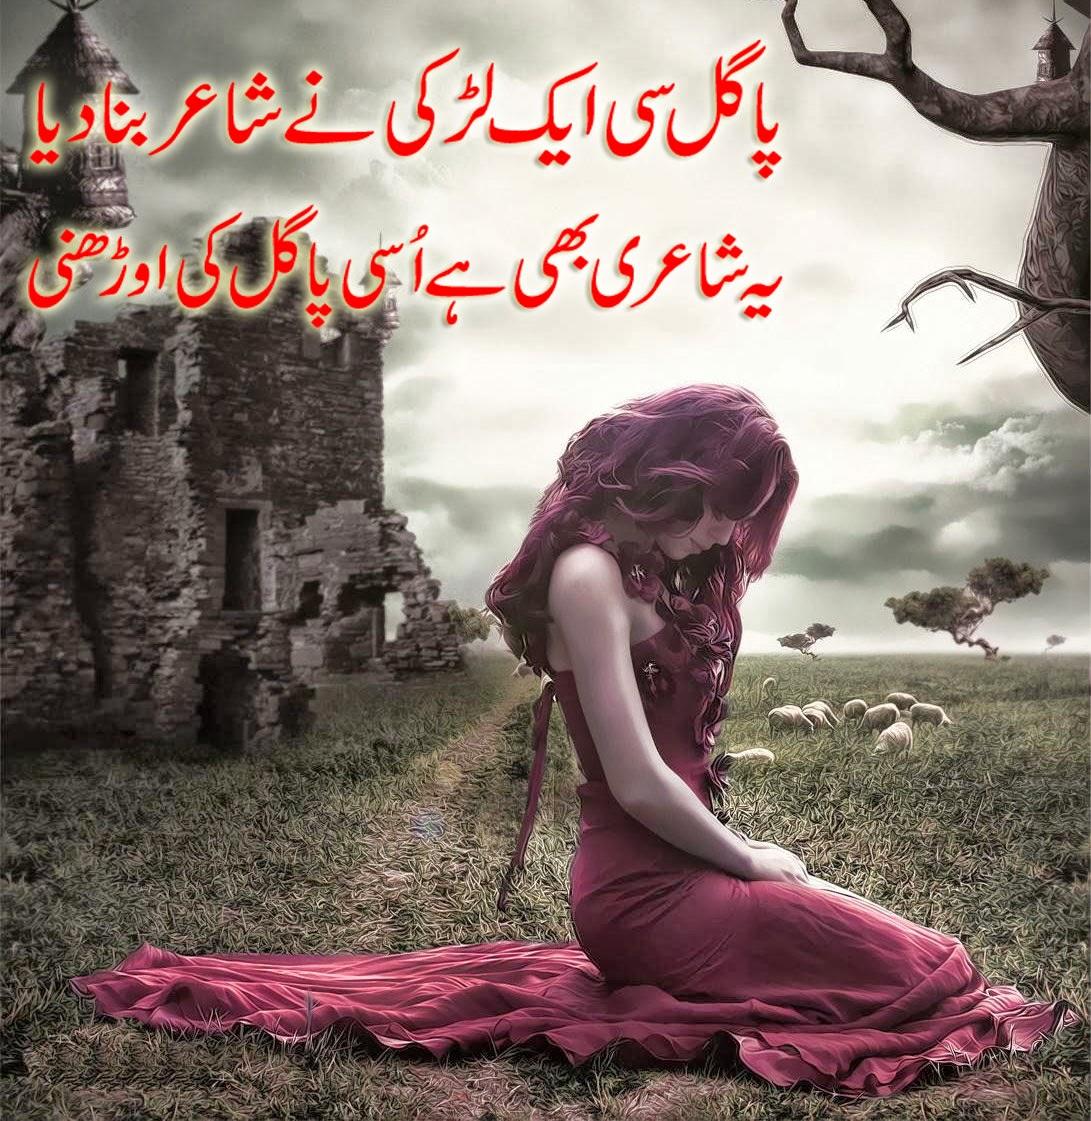 Pagal Si ek Larki Ne Sha'ir Bana Dia